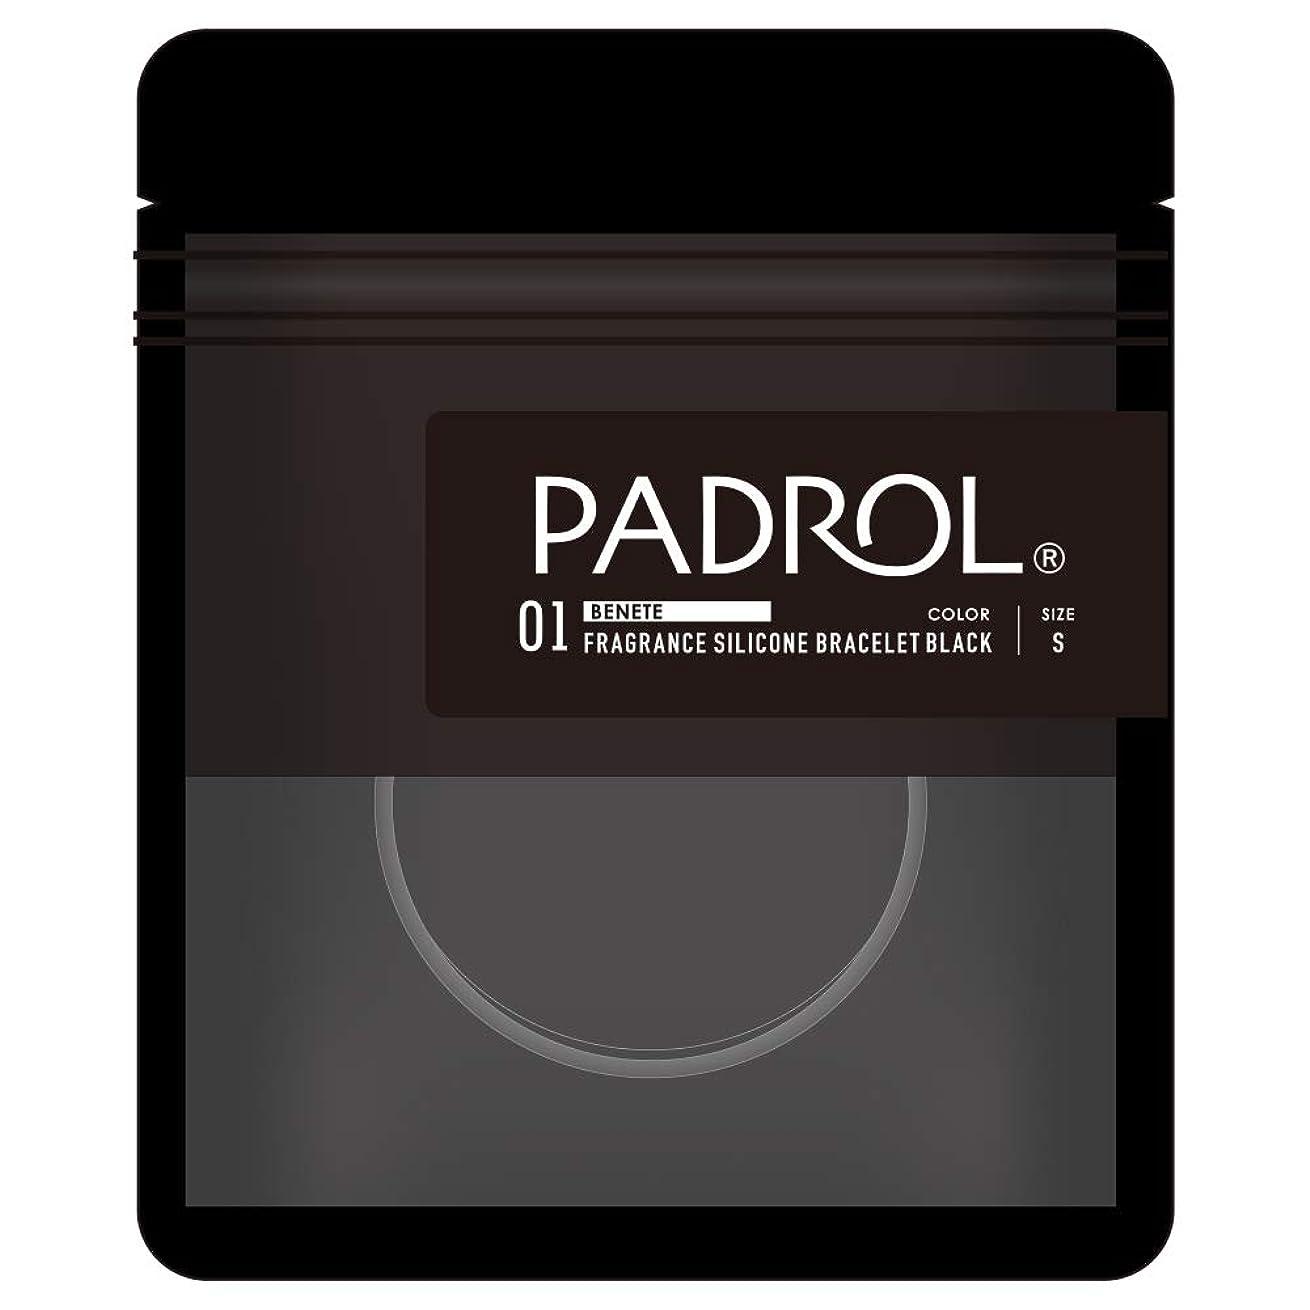 ジャーナルワーカー契約PADROL フレグランス ブレスレット ホワイトムスクの香り シリコン Sサイズ ブラック PAD-13-03